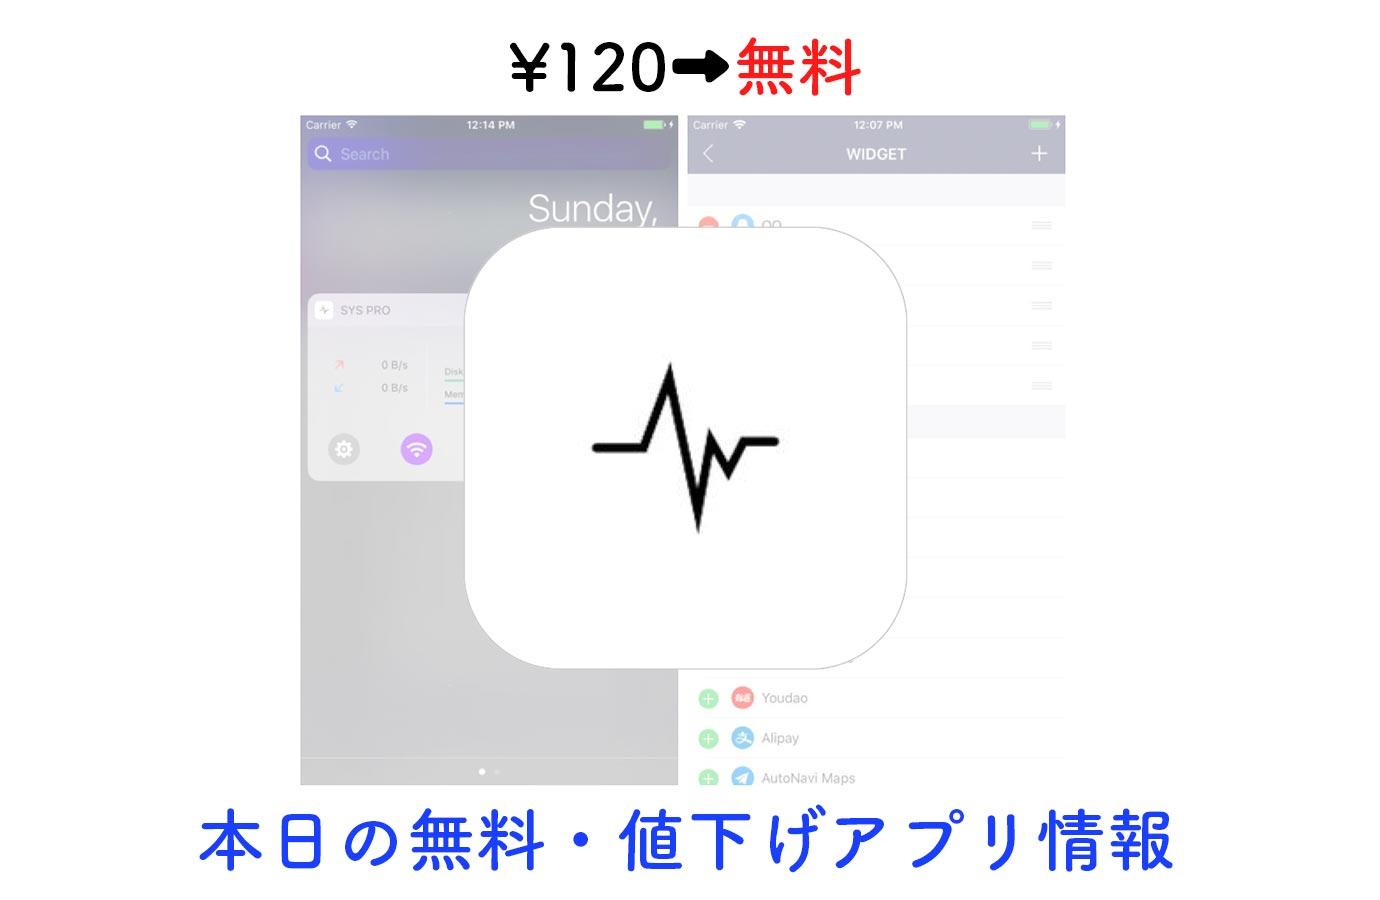 ¥120→無料、ウィジェットでリアルタイムにデータ通信速度などがわかる「SYS Pro」など【12/10】本日の無料・値下げアプリ情報